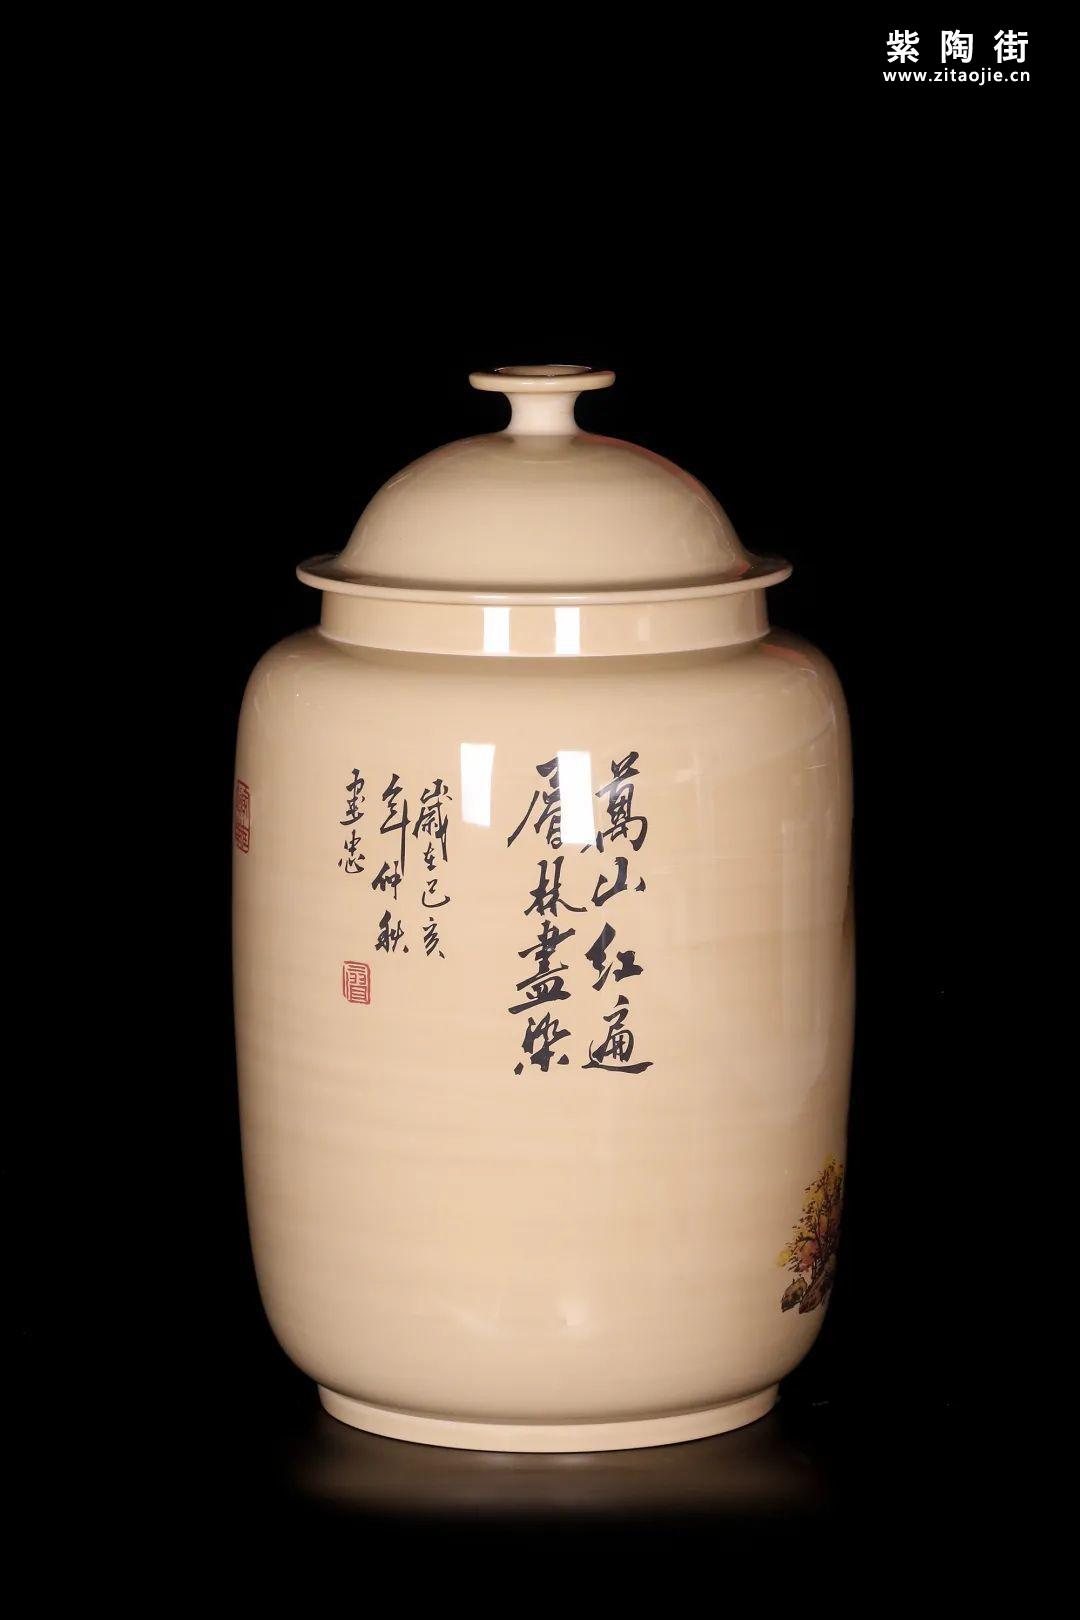 廖建忠、廖渊涵的青绿山水装饰紫陶缸插图1